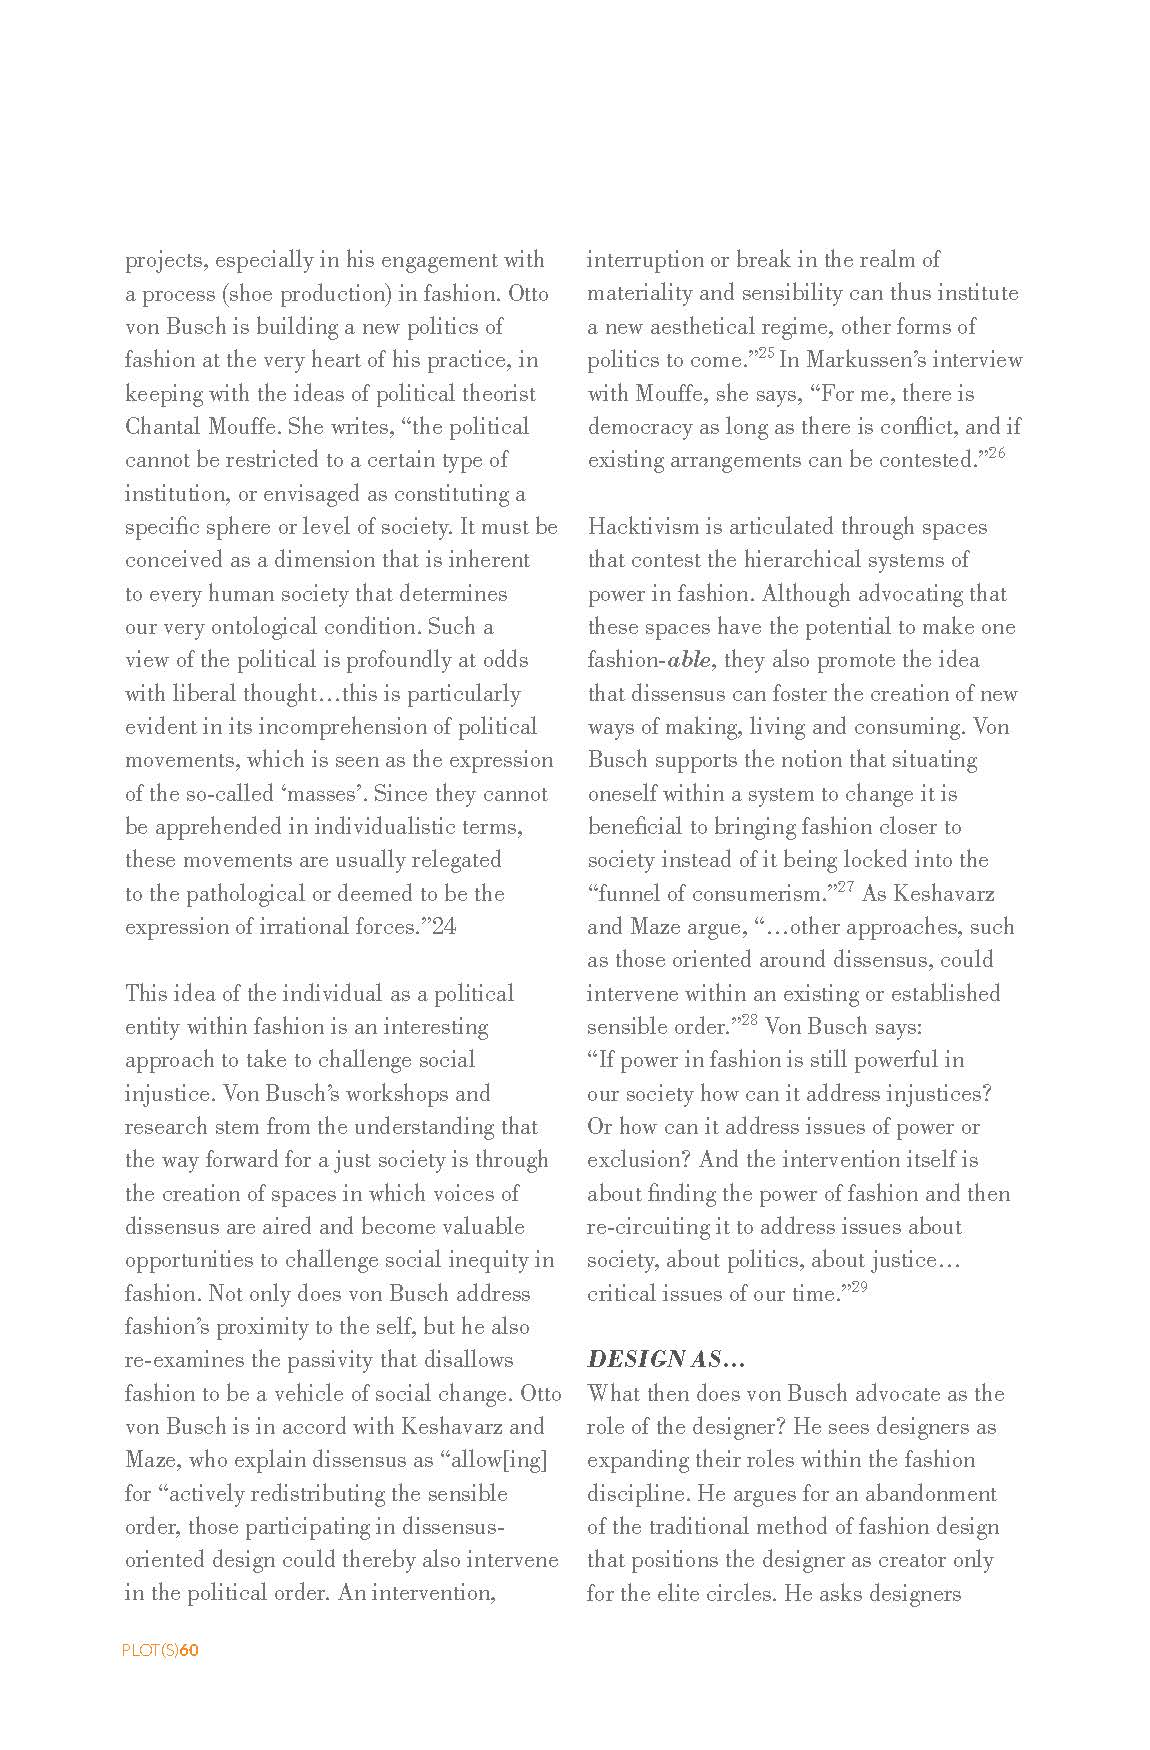 Otto Von Busch- REMAKING ROADS TO AGENCY_Page_6